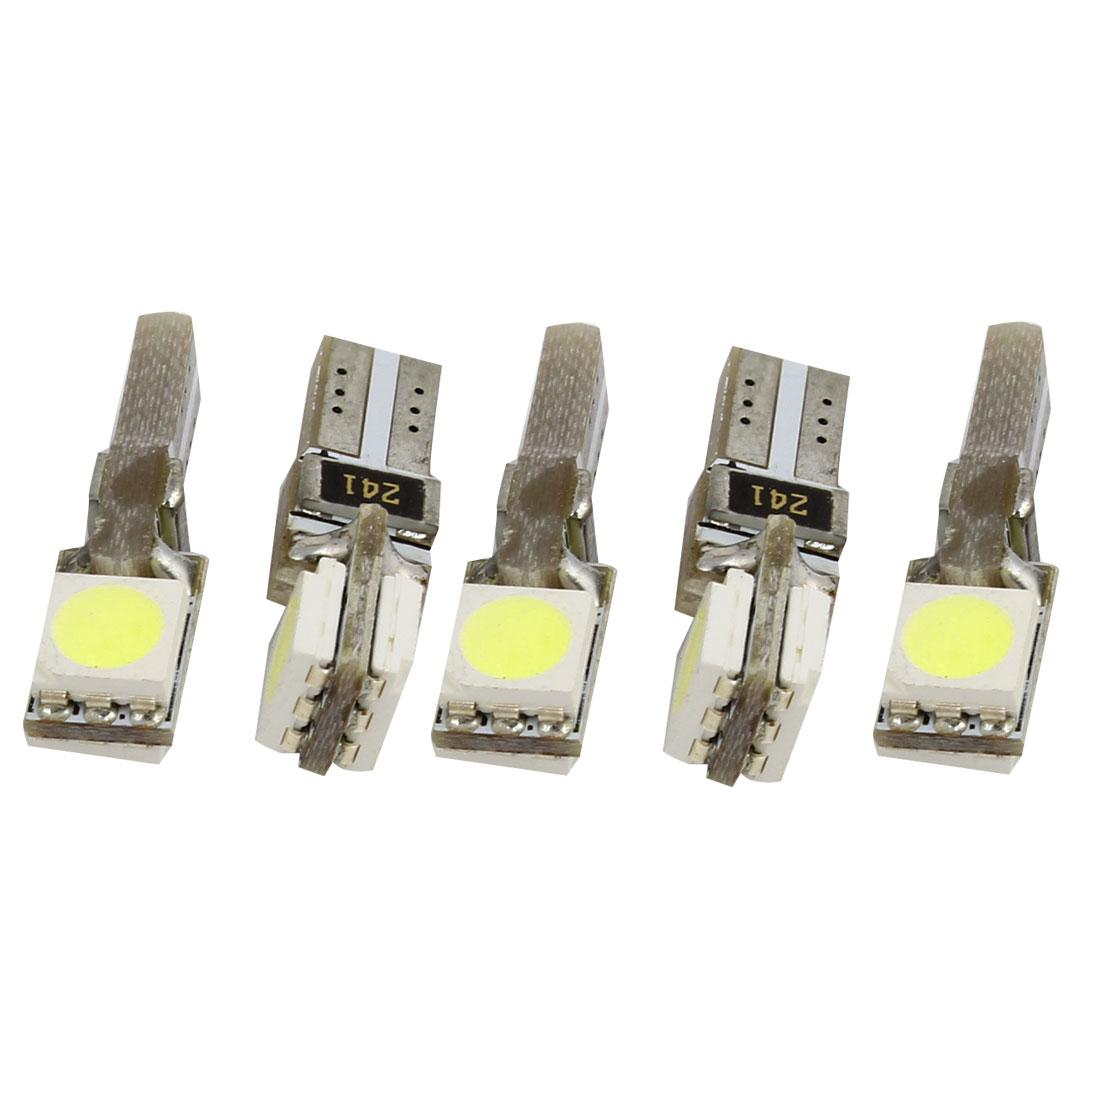 5 Pcs T5 Wedge 5050 2 SMD White Speedometer Gauge Cluster LED Light Bulb Lamp 12V internal